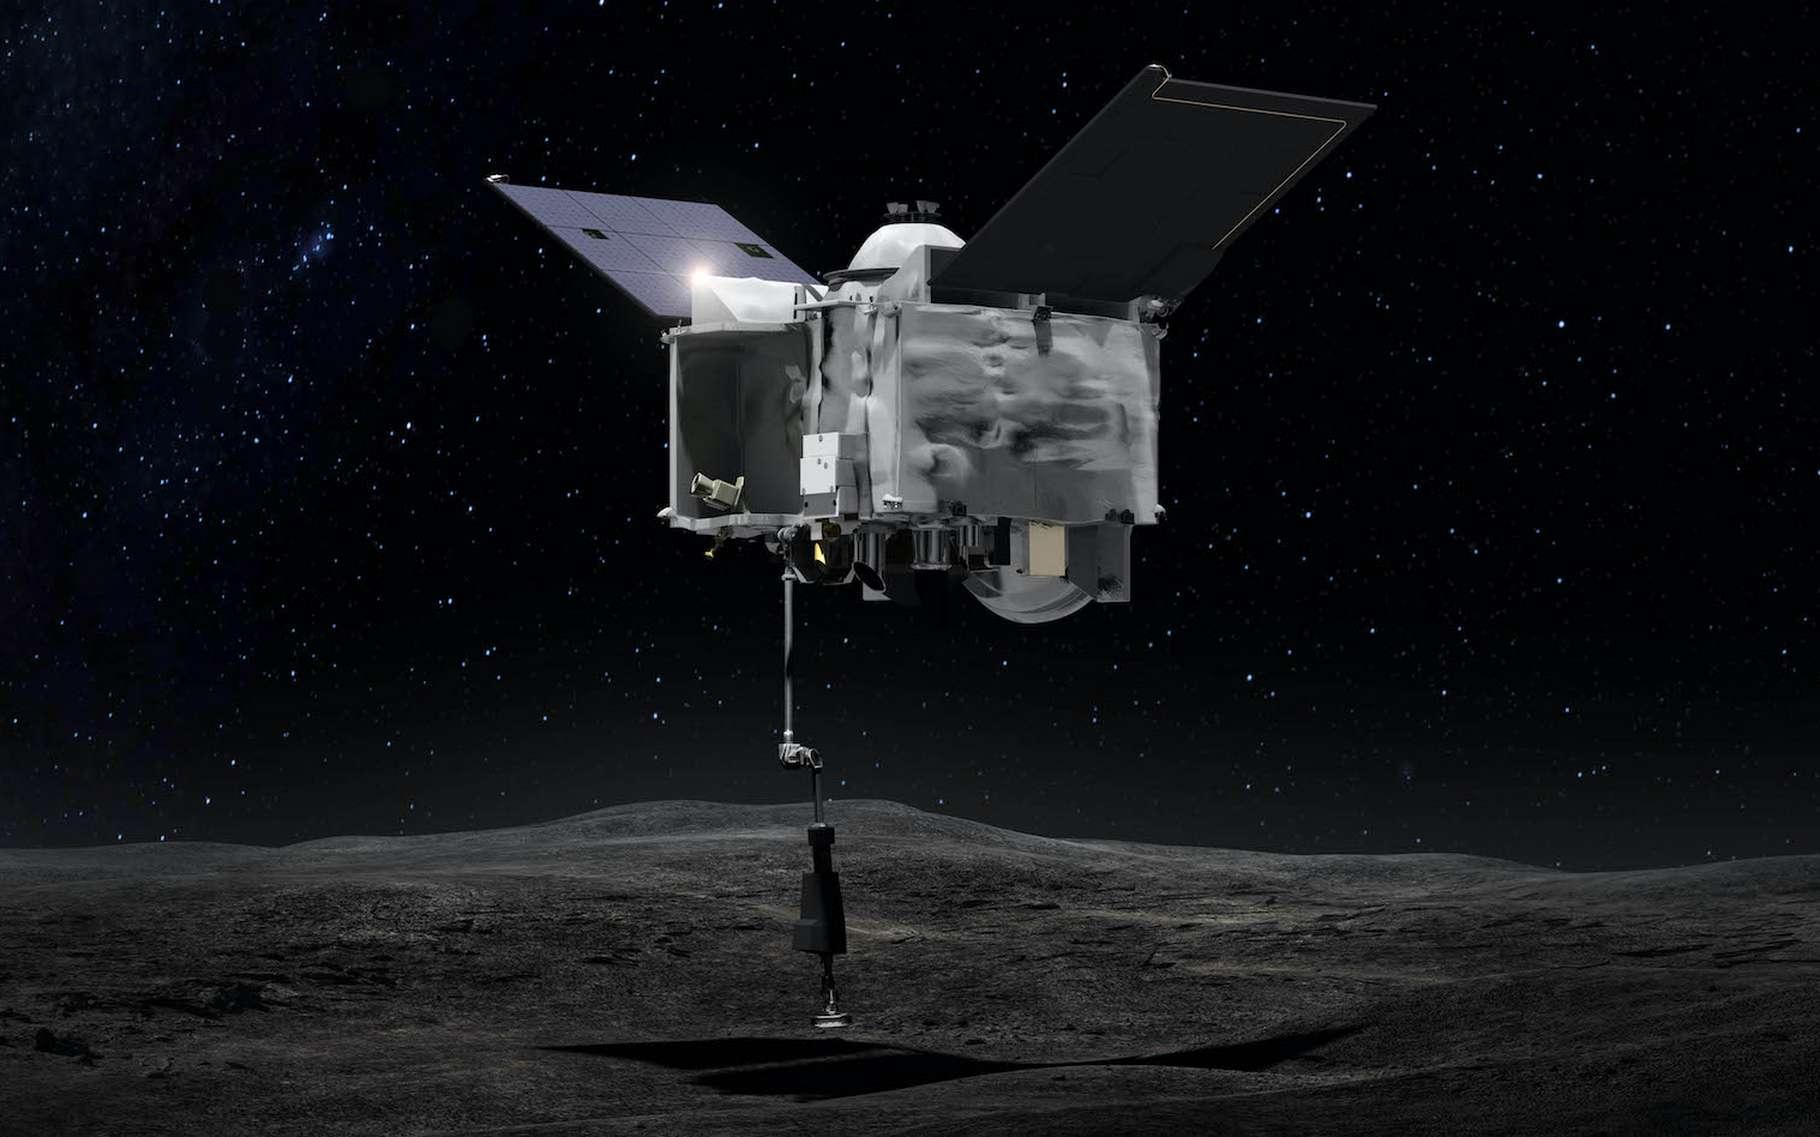 Une vue d'artiste d'Osiris-Rex prélevant des échantillons à la surface de l'astéroïde géocroiseur Bennu. La mission est désormais en route pour la Terre. © Goddard Space Flight Center, Nasa